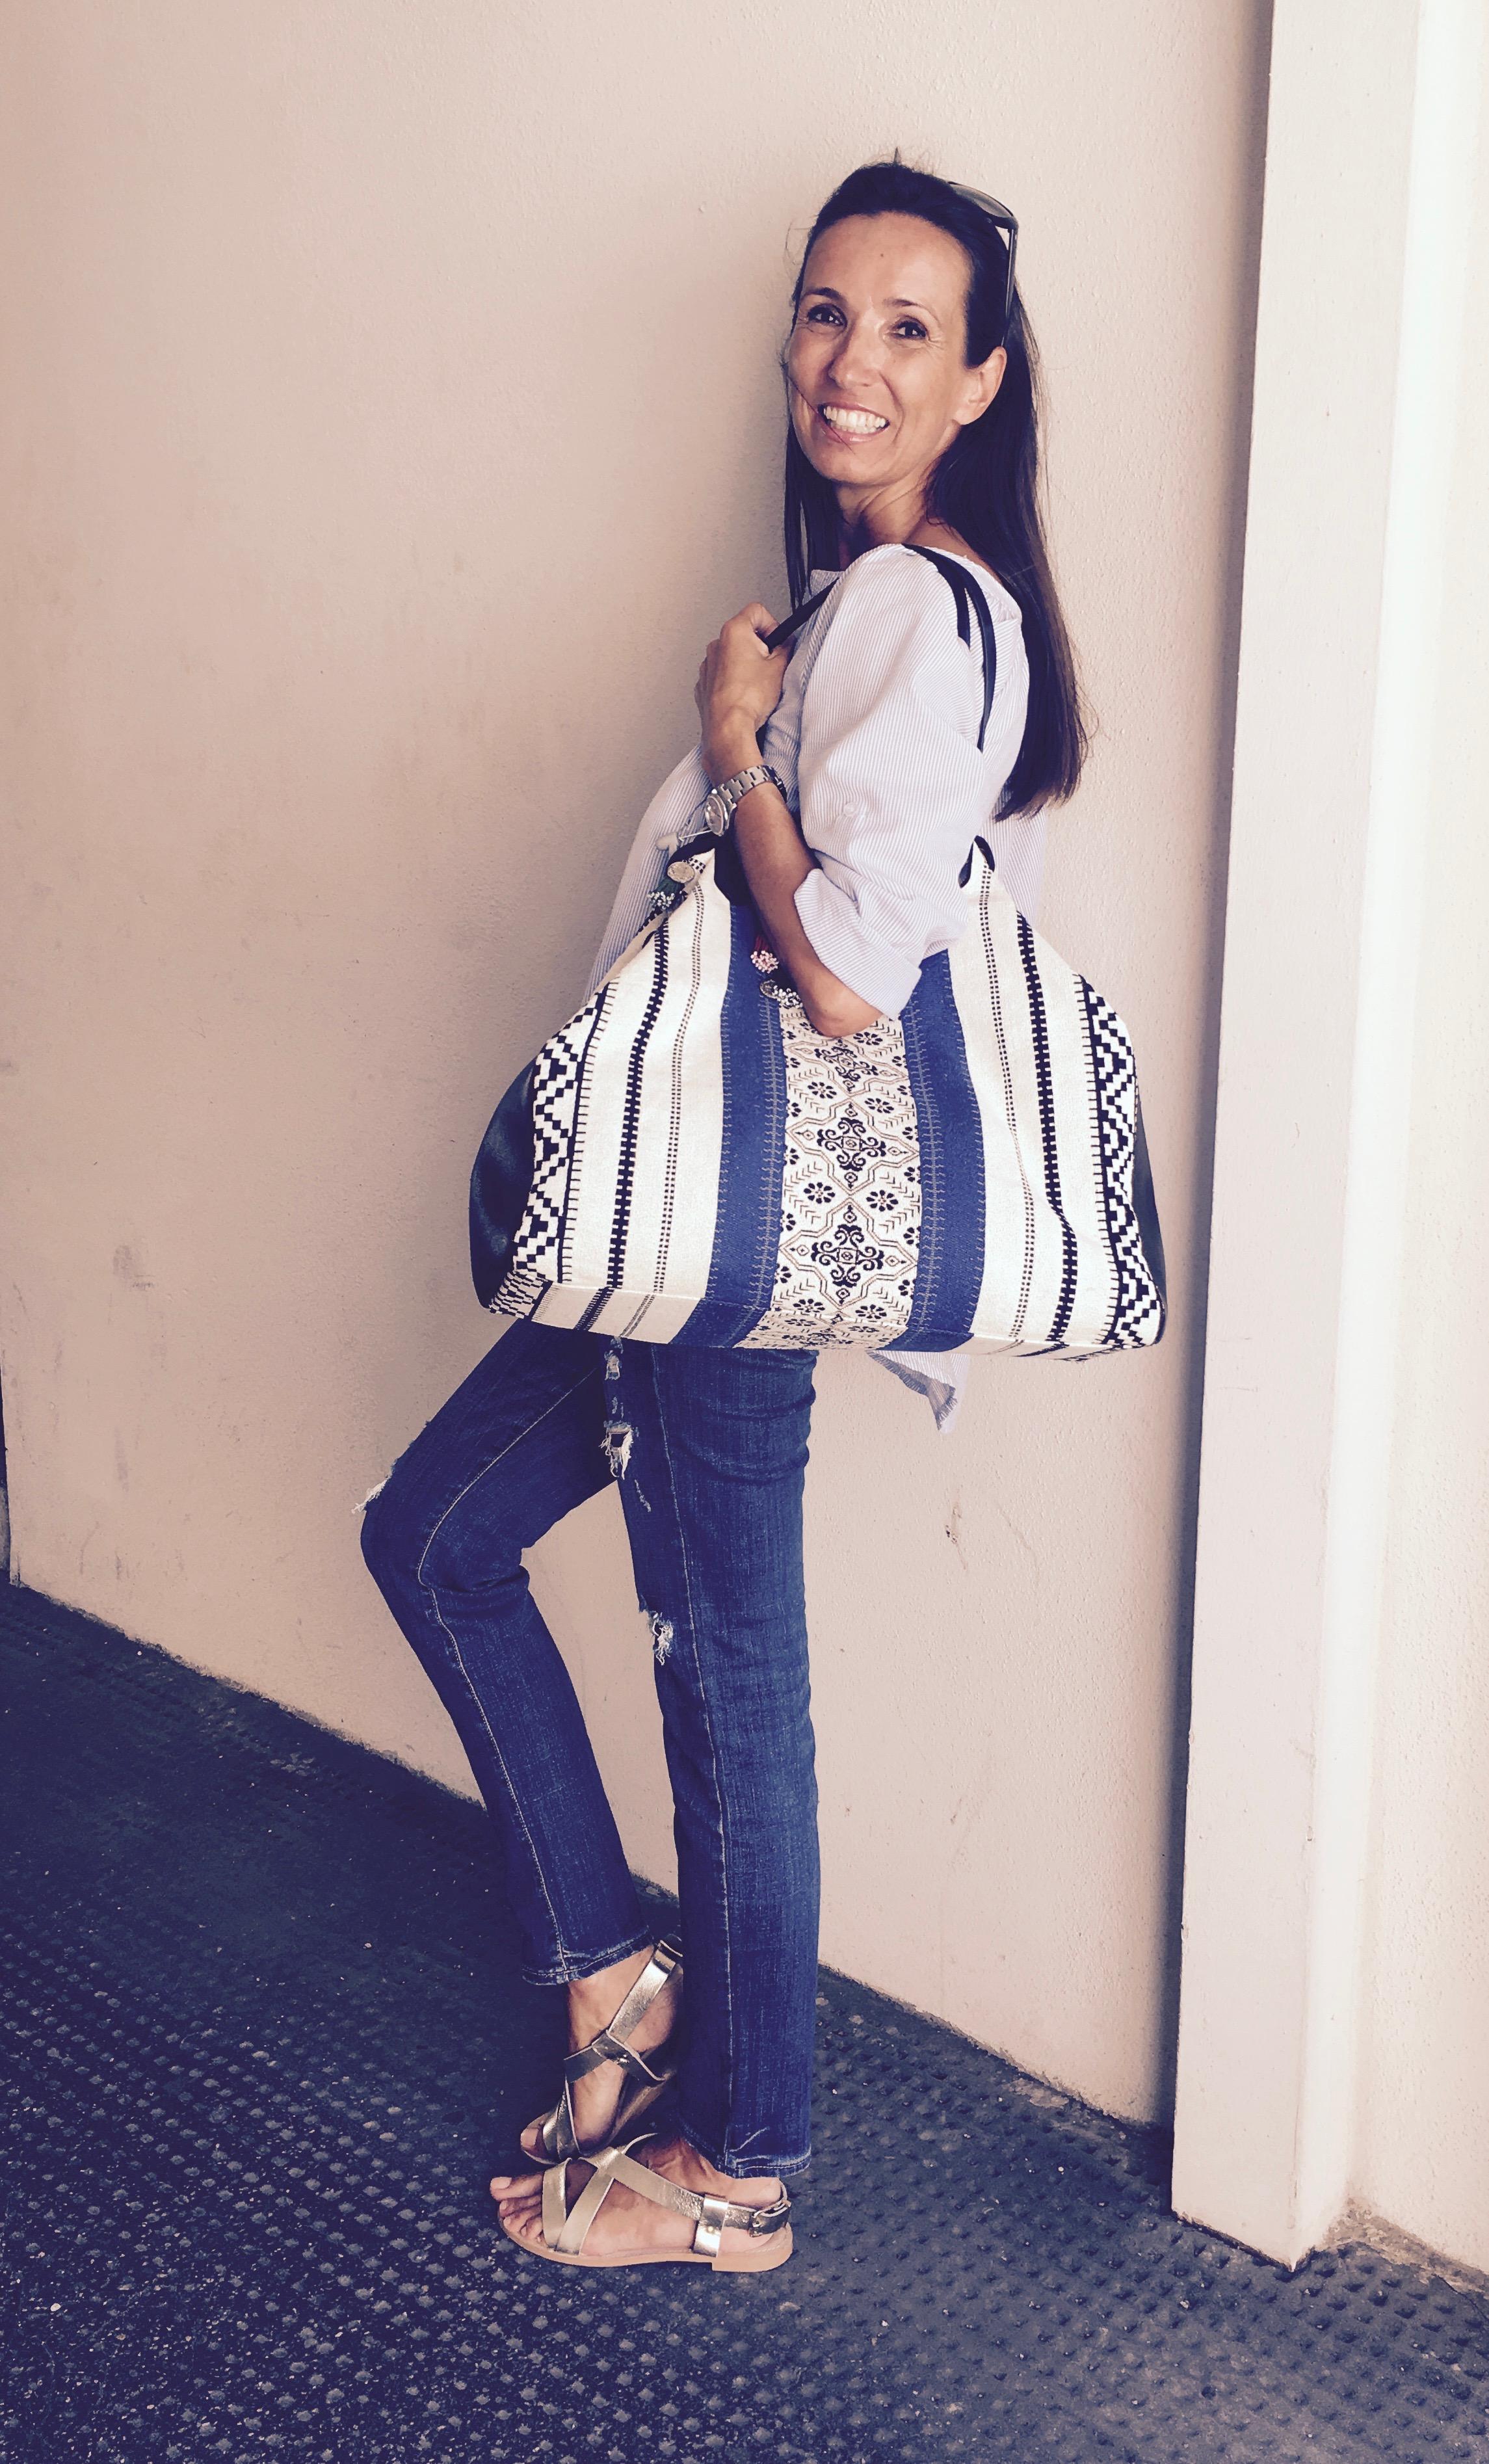 Schuhe: IvyLee, Jeans: Diesel, Tasche: SU Collection